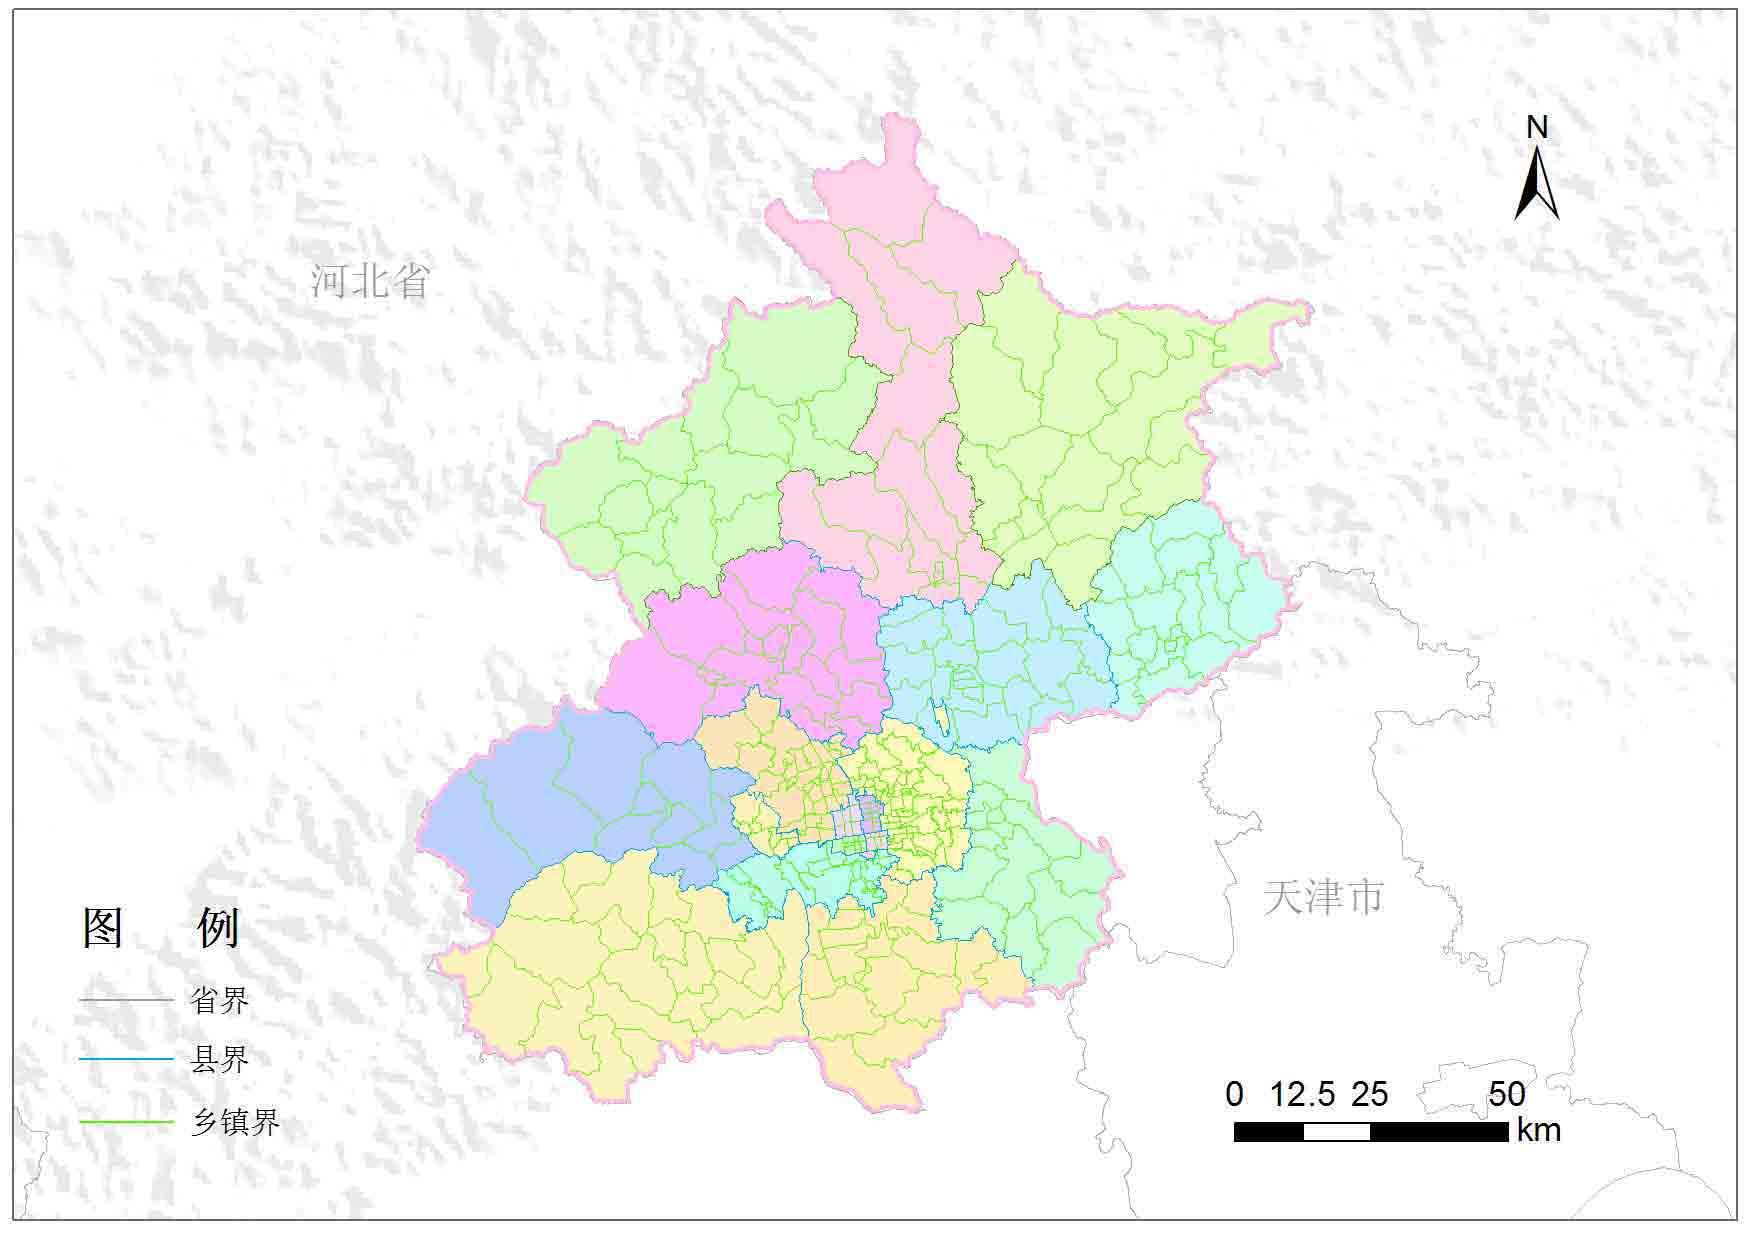 北京市乡镇行政区划